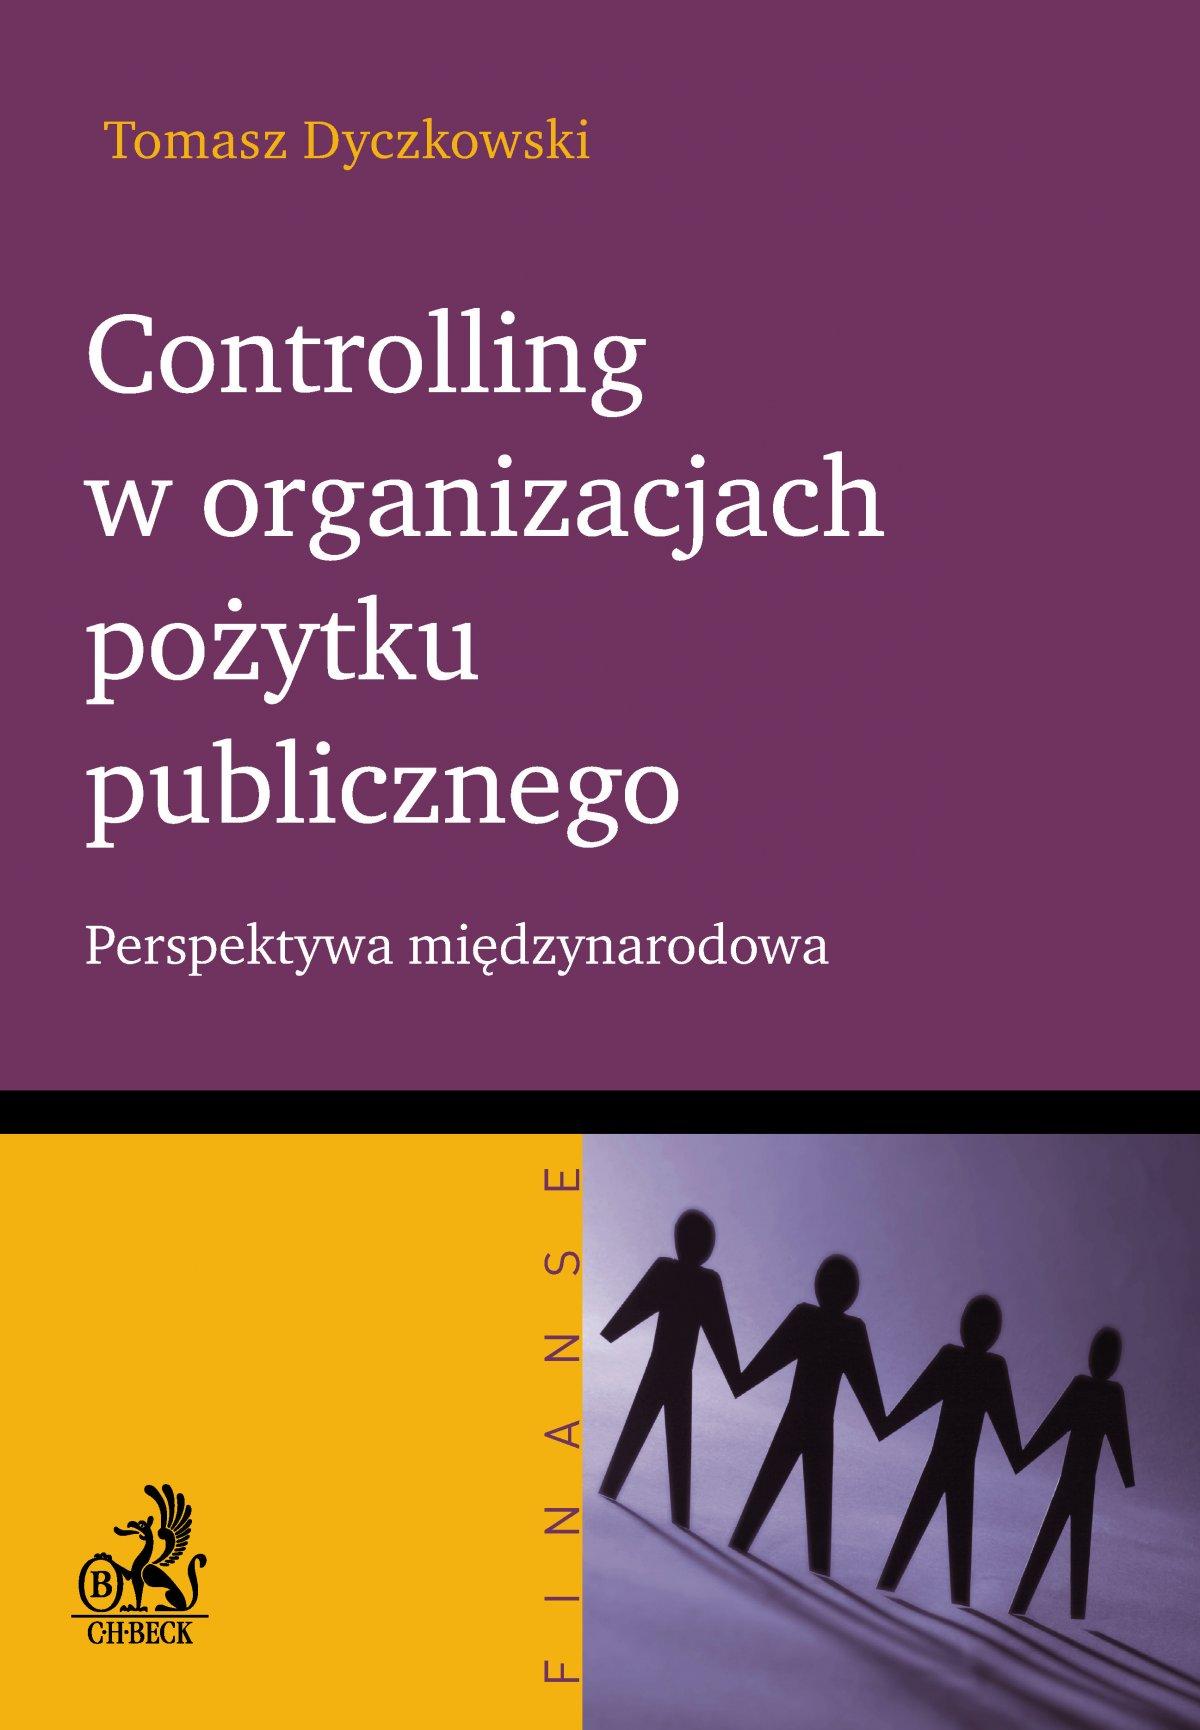 Controlling w organizacjach pożytku publicznego - Ebook (Książka PDF) do pobrania w formacie PDF